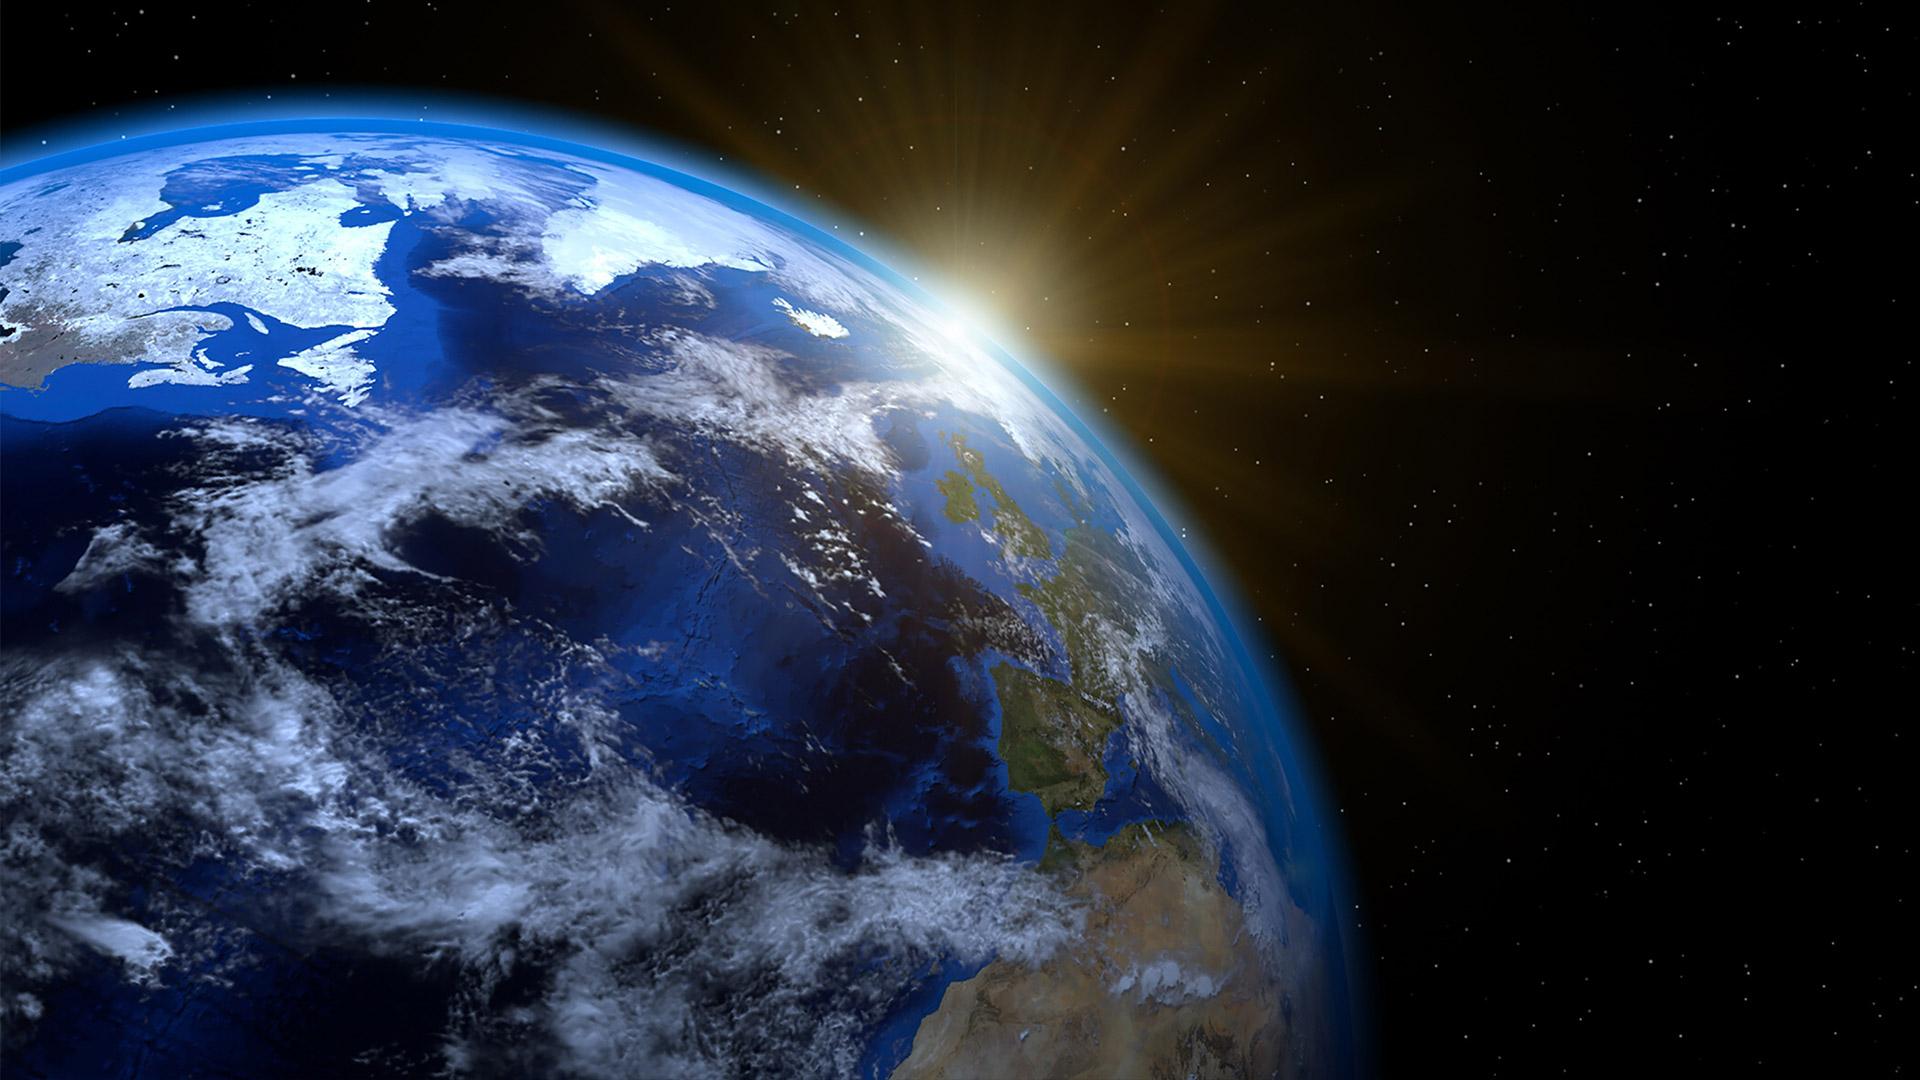 合成予定の惑星(地球)